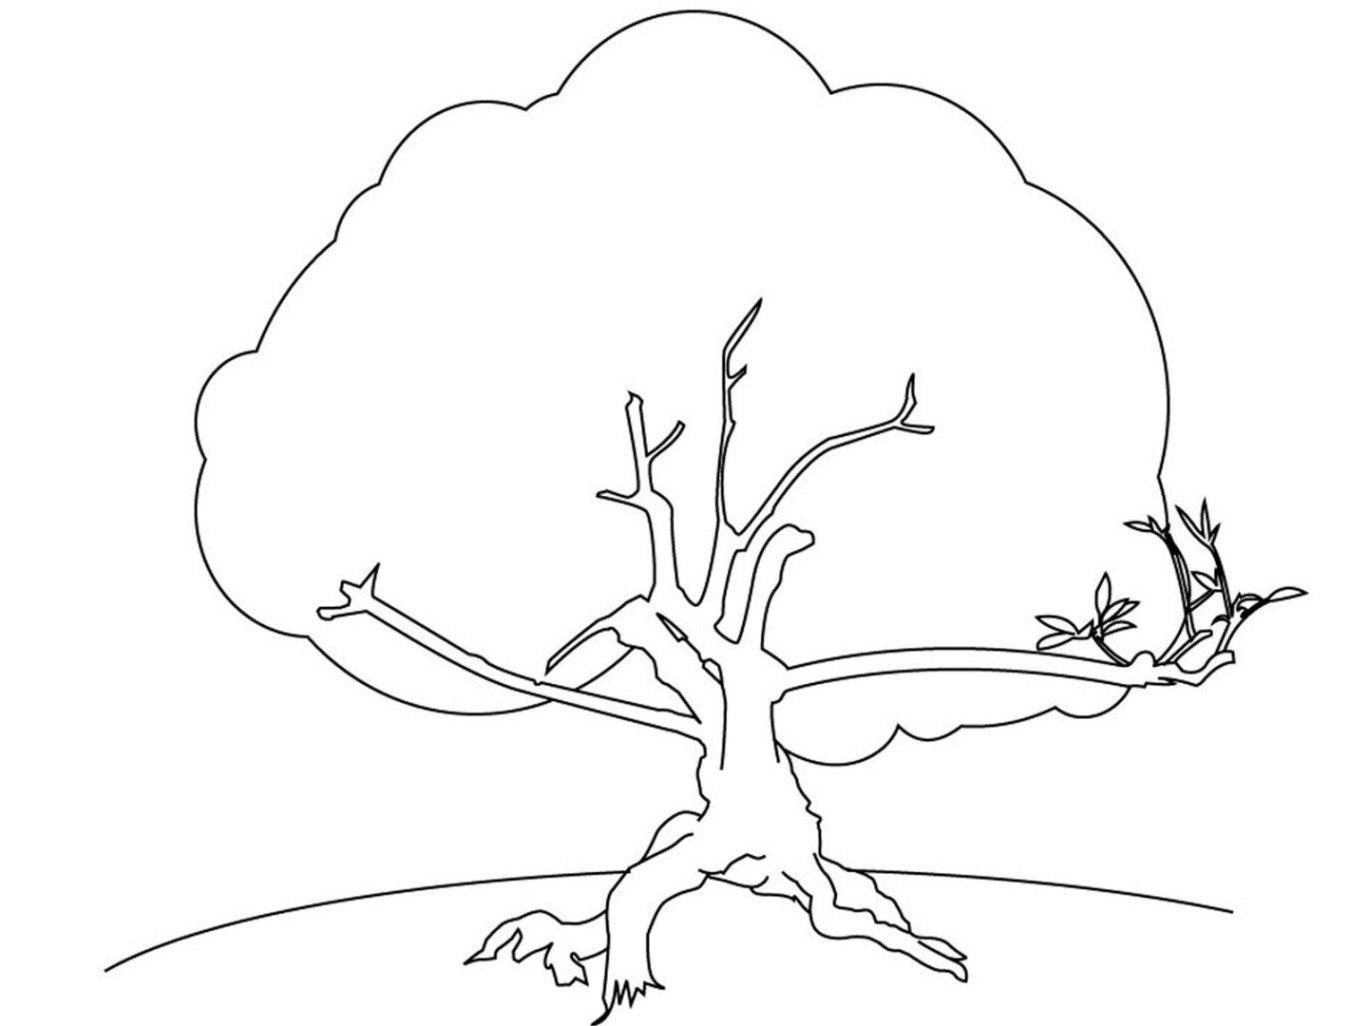 Ausmalbilder zum Drucken Malvorlage Baum kostenlos 3